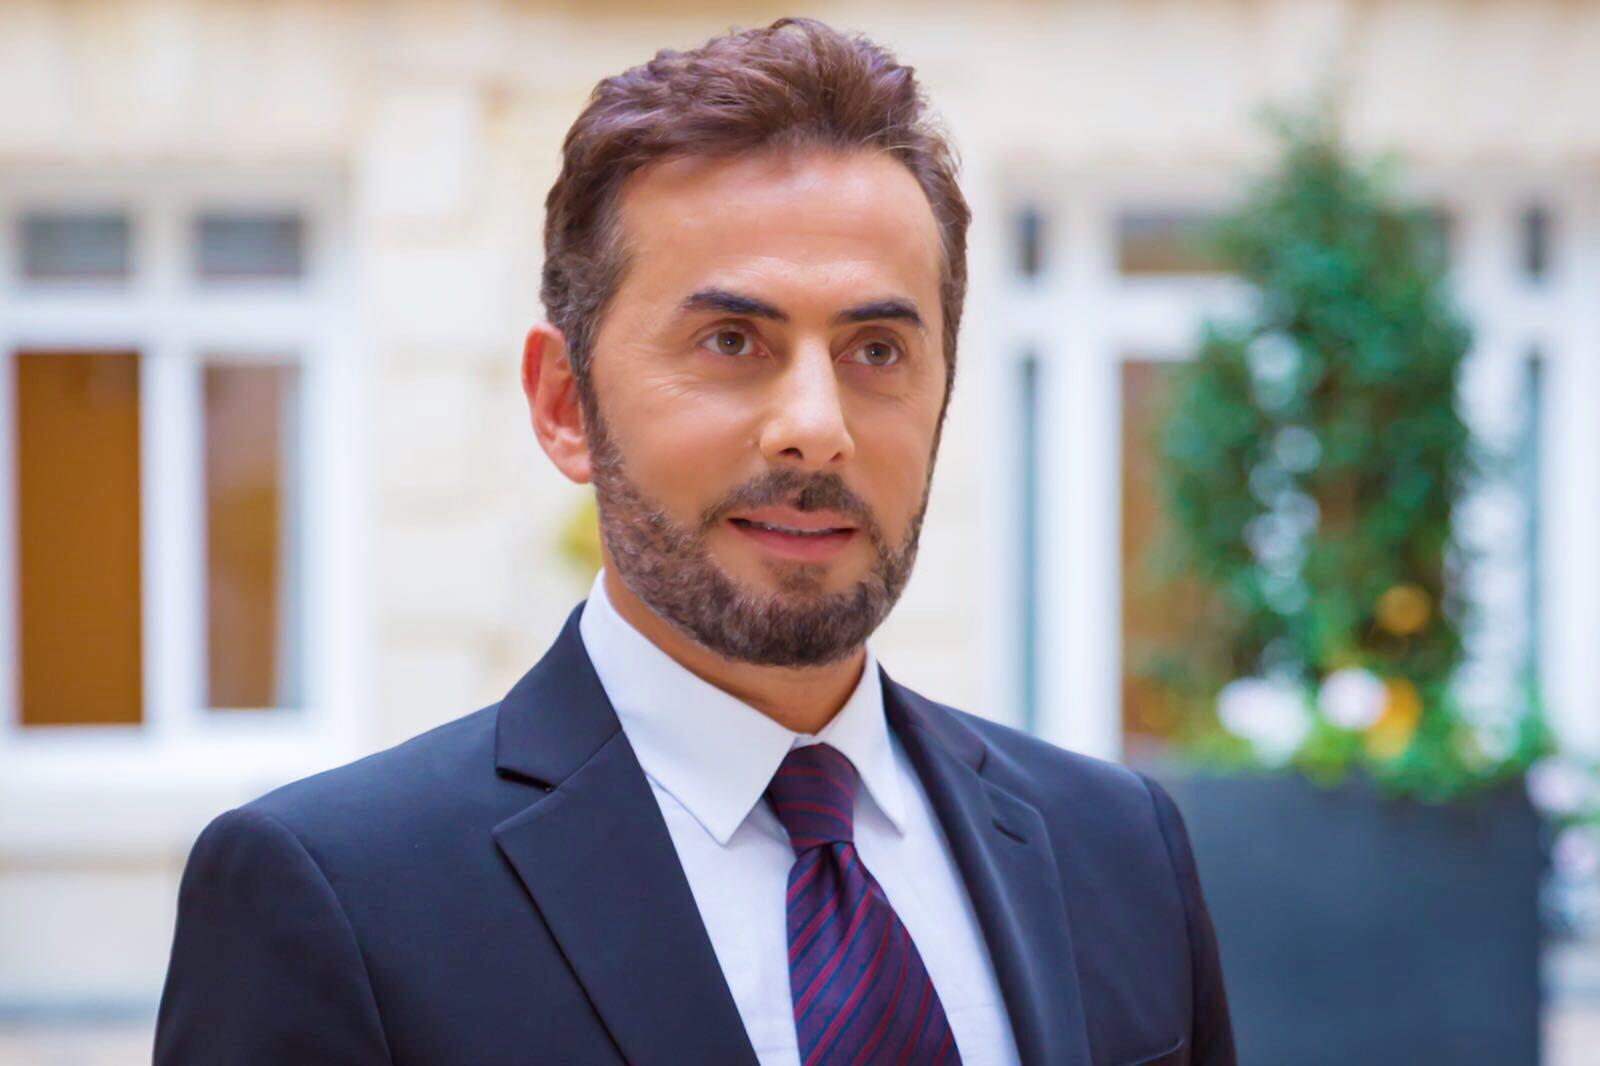 صورة المنتج عادل معتوق يحتفل بالنجم فارس كرم بقصر مؤتمرات باريس